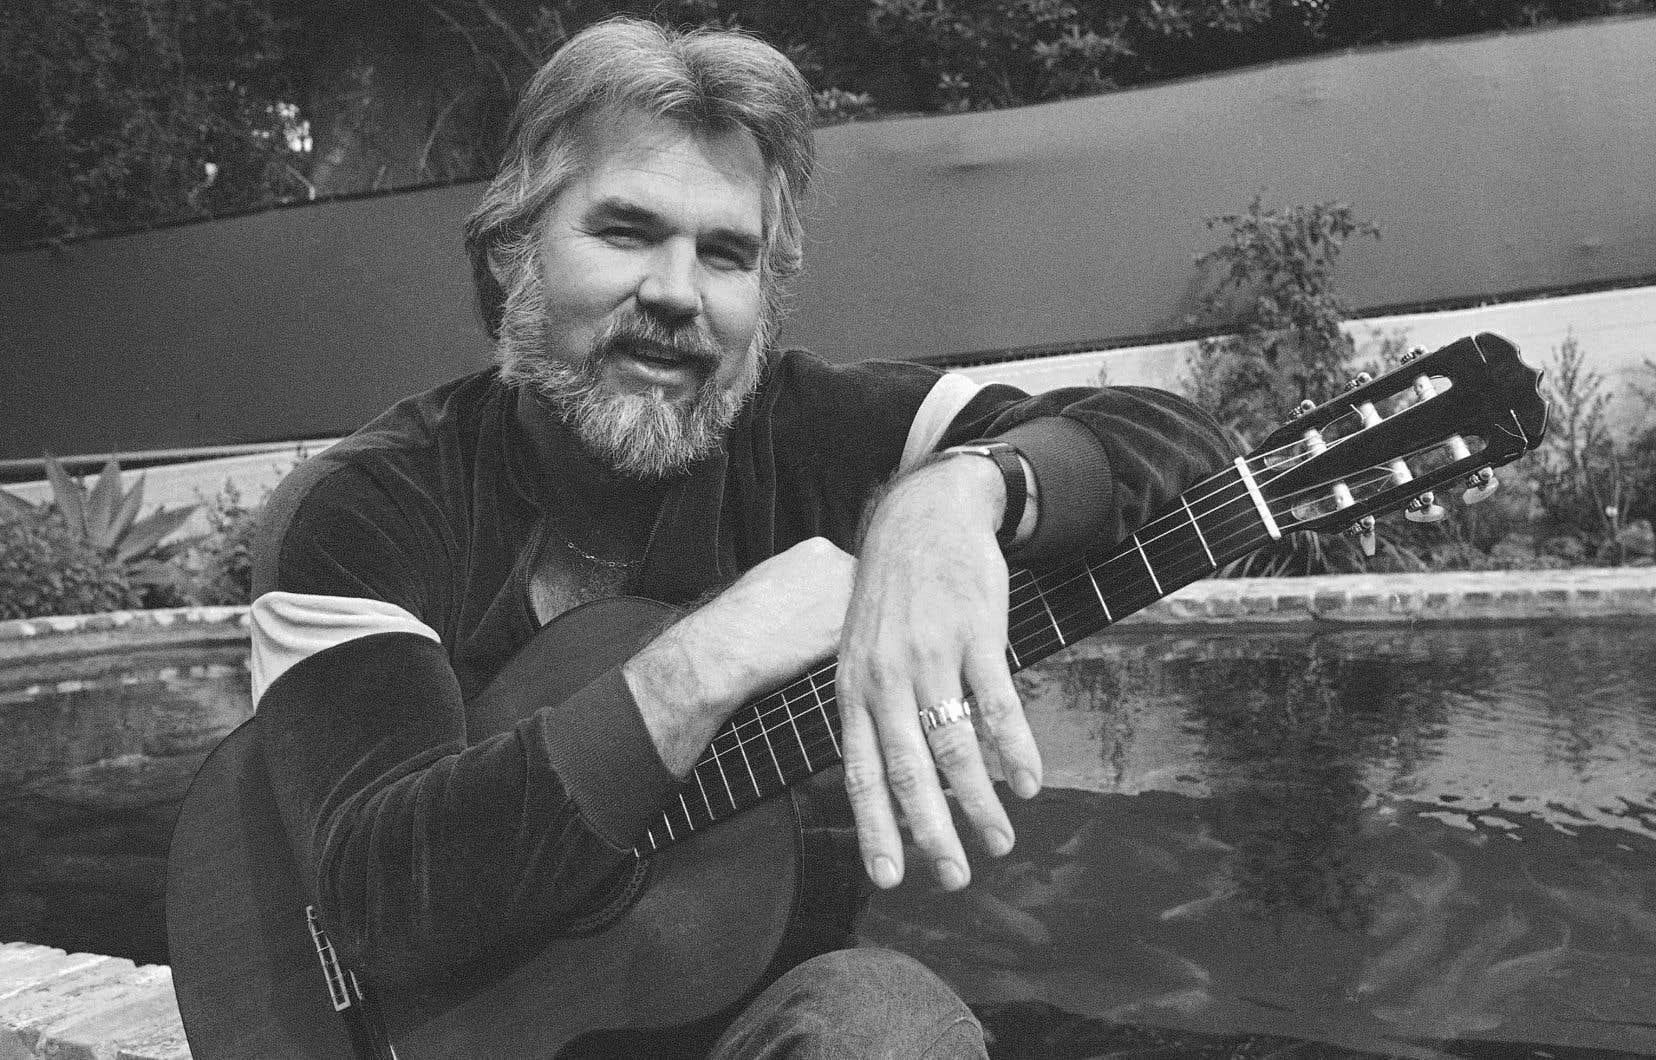 Même s'il a également touché au jazz, au folk et à la pop, Kenny Rogers a toujours préféré être considéré comme un chanteur country.